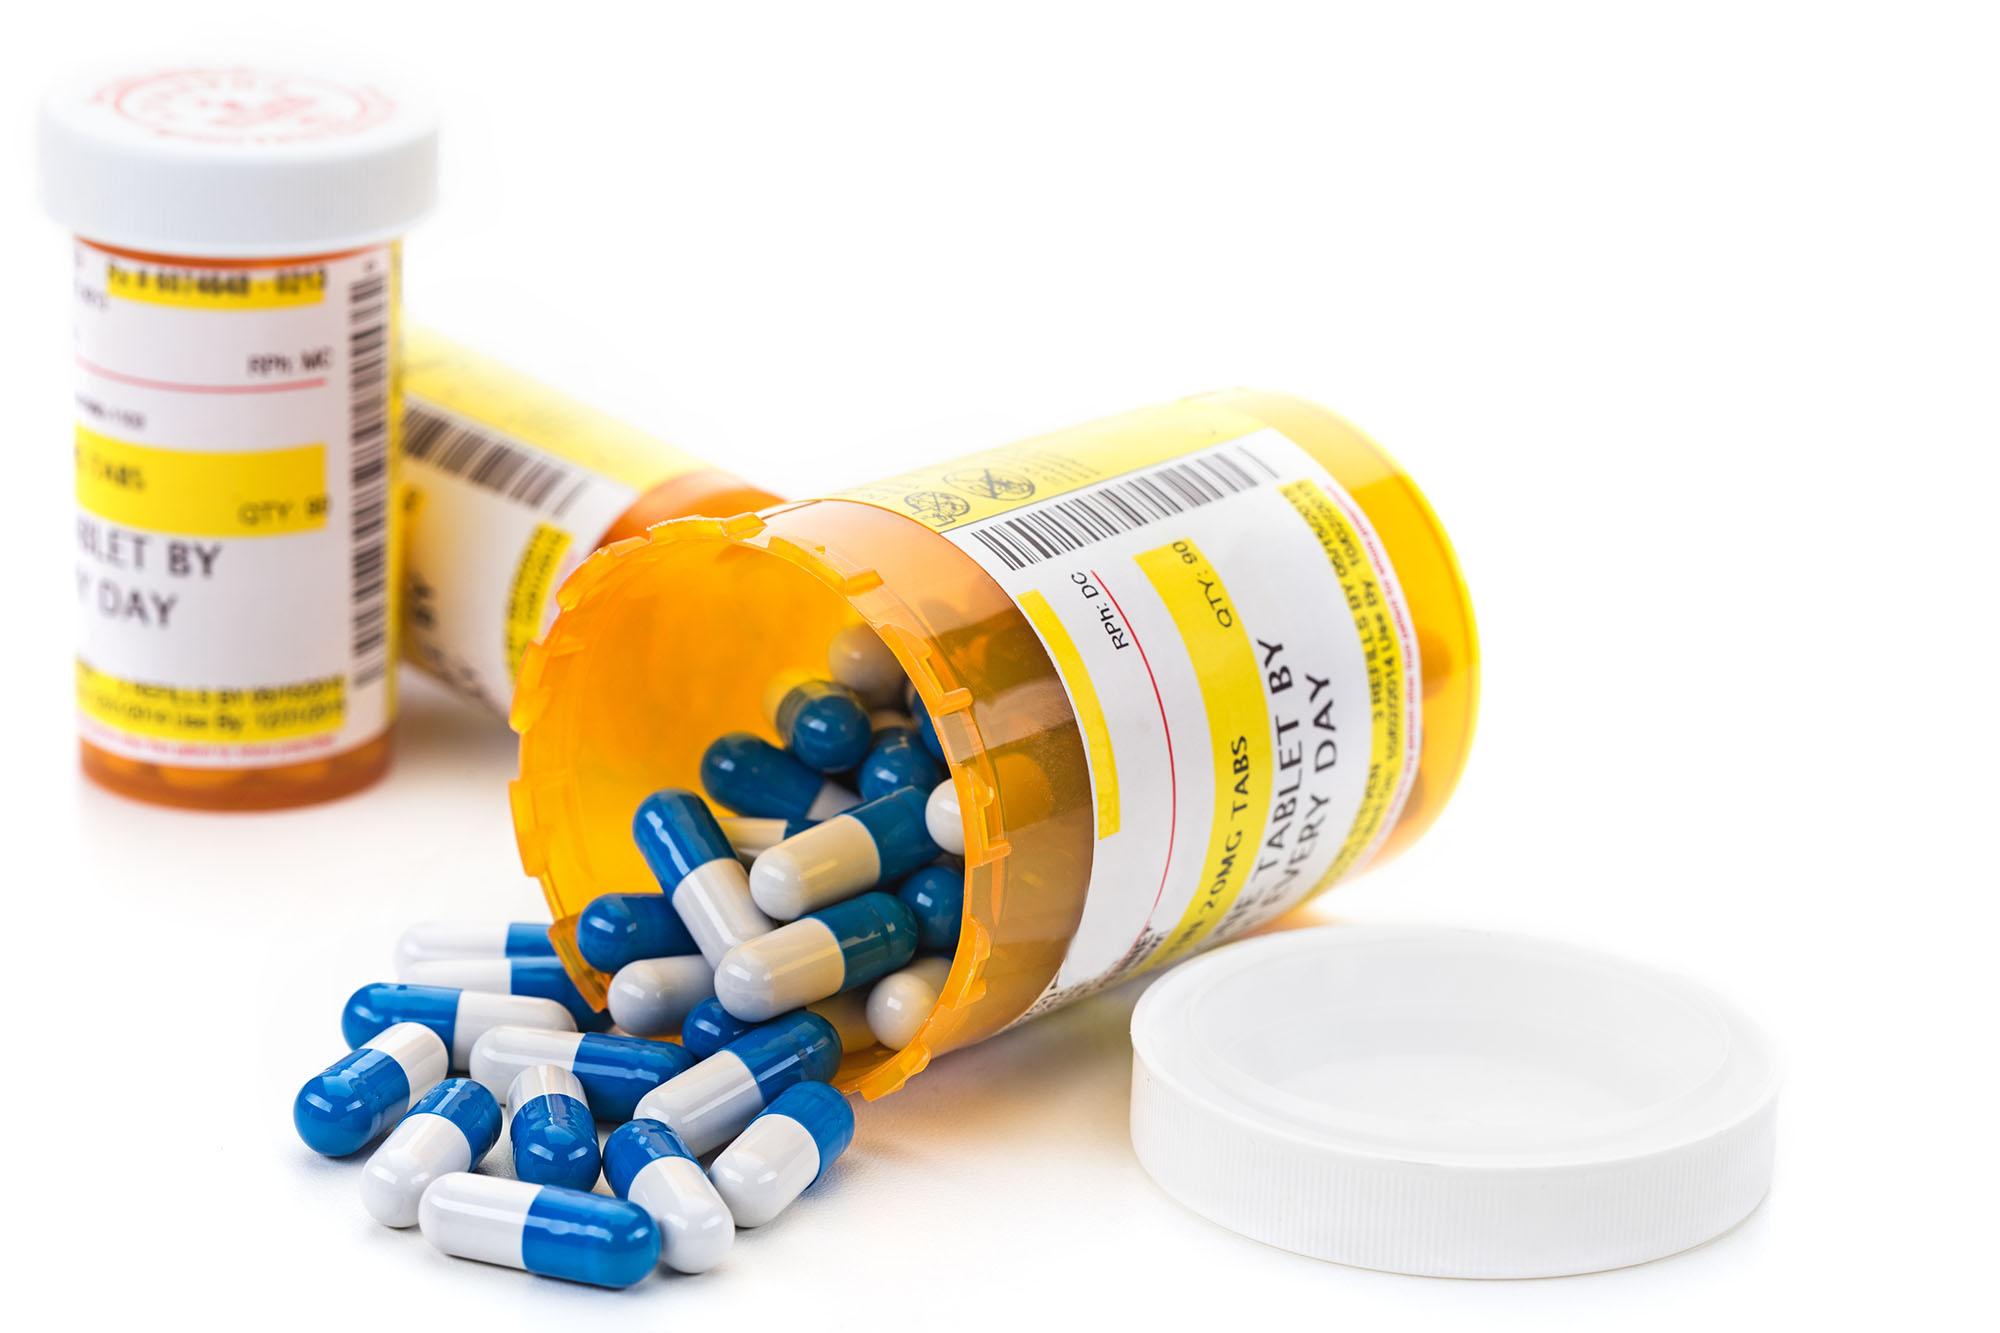 Pain Doctors Asheville, pain management Asheville NC, Asheville Pain Relief Center, Suboxone Doctors Asheville